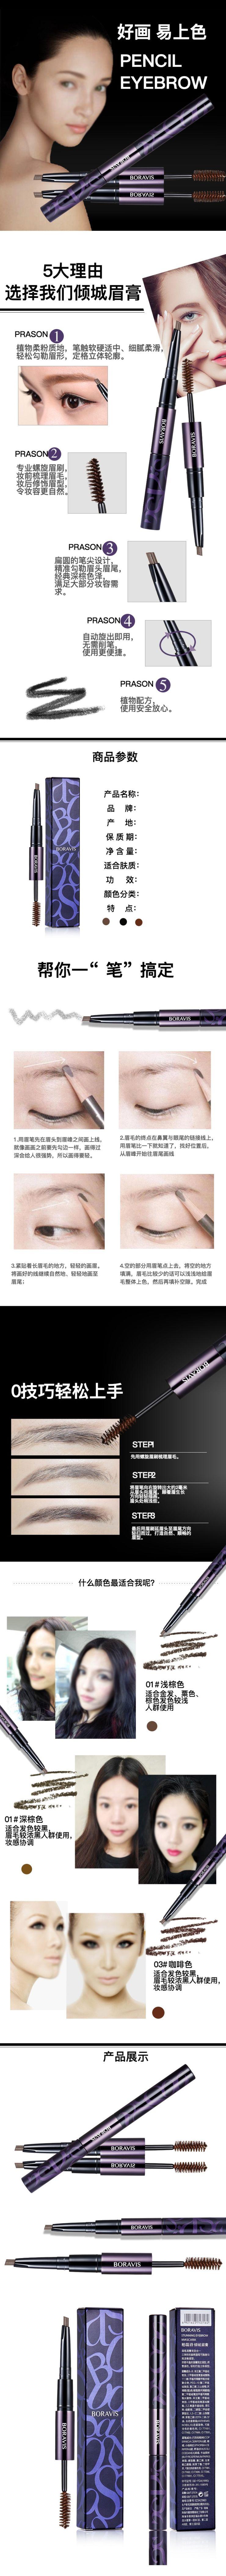 时尚简约炫酷眉笔电商详情图